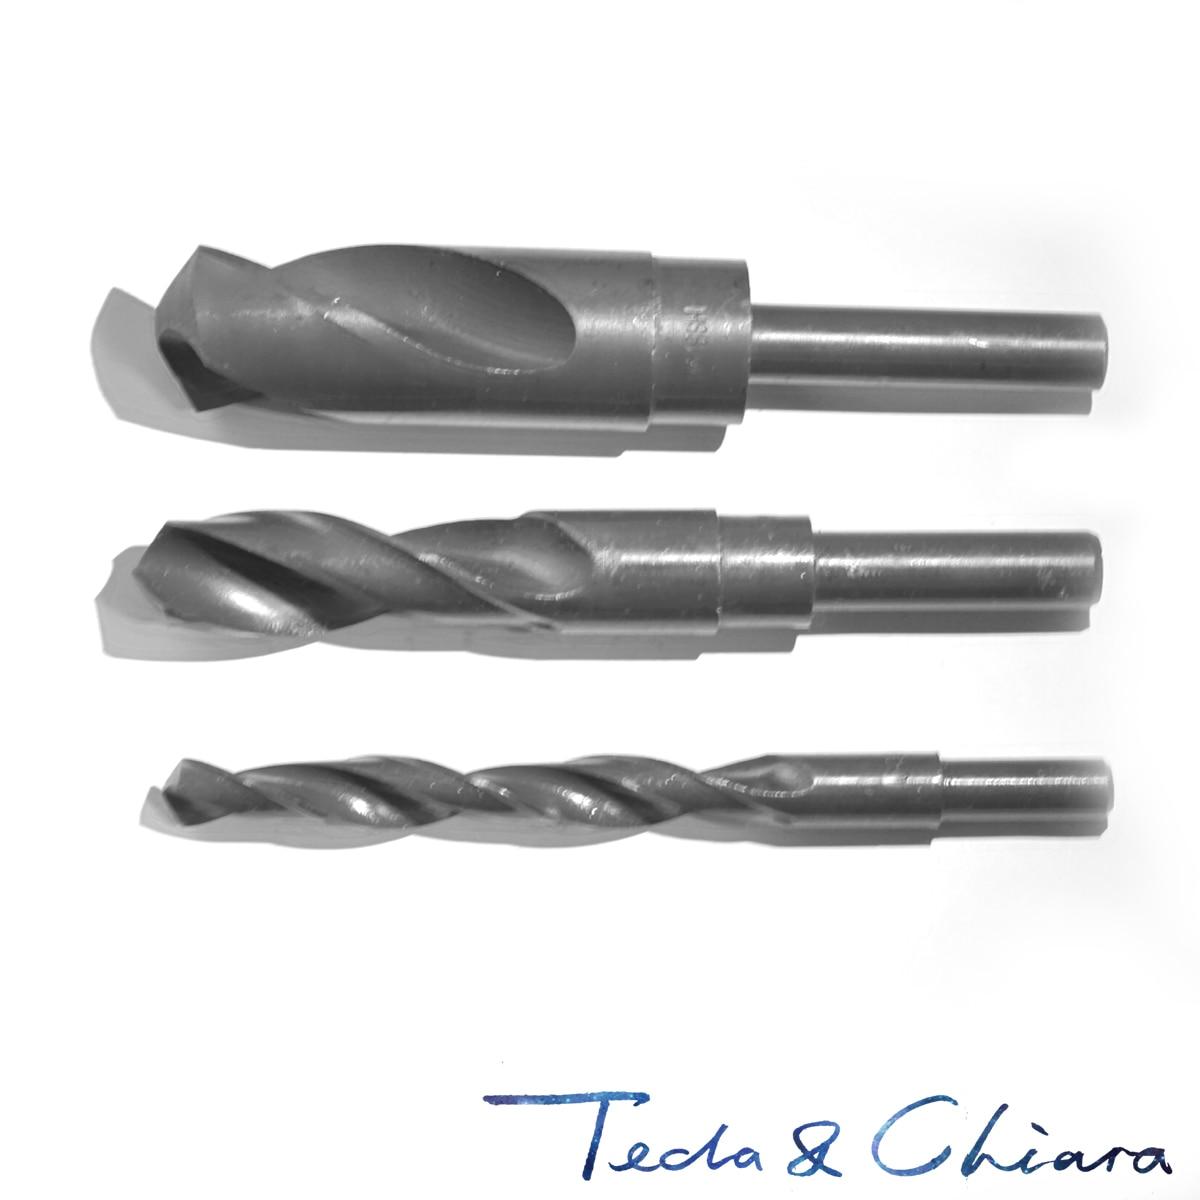 16.1mm 16.2mm 16.3mm 16.4mm 16.5mm HSS Reduced Straight Crank Twist Drill Bit Shank Dia 12.7mm 1/2 Inch 16.1 16.2 16.3 16.4 16.5